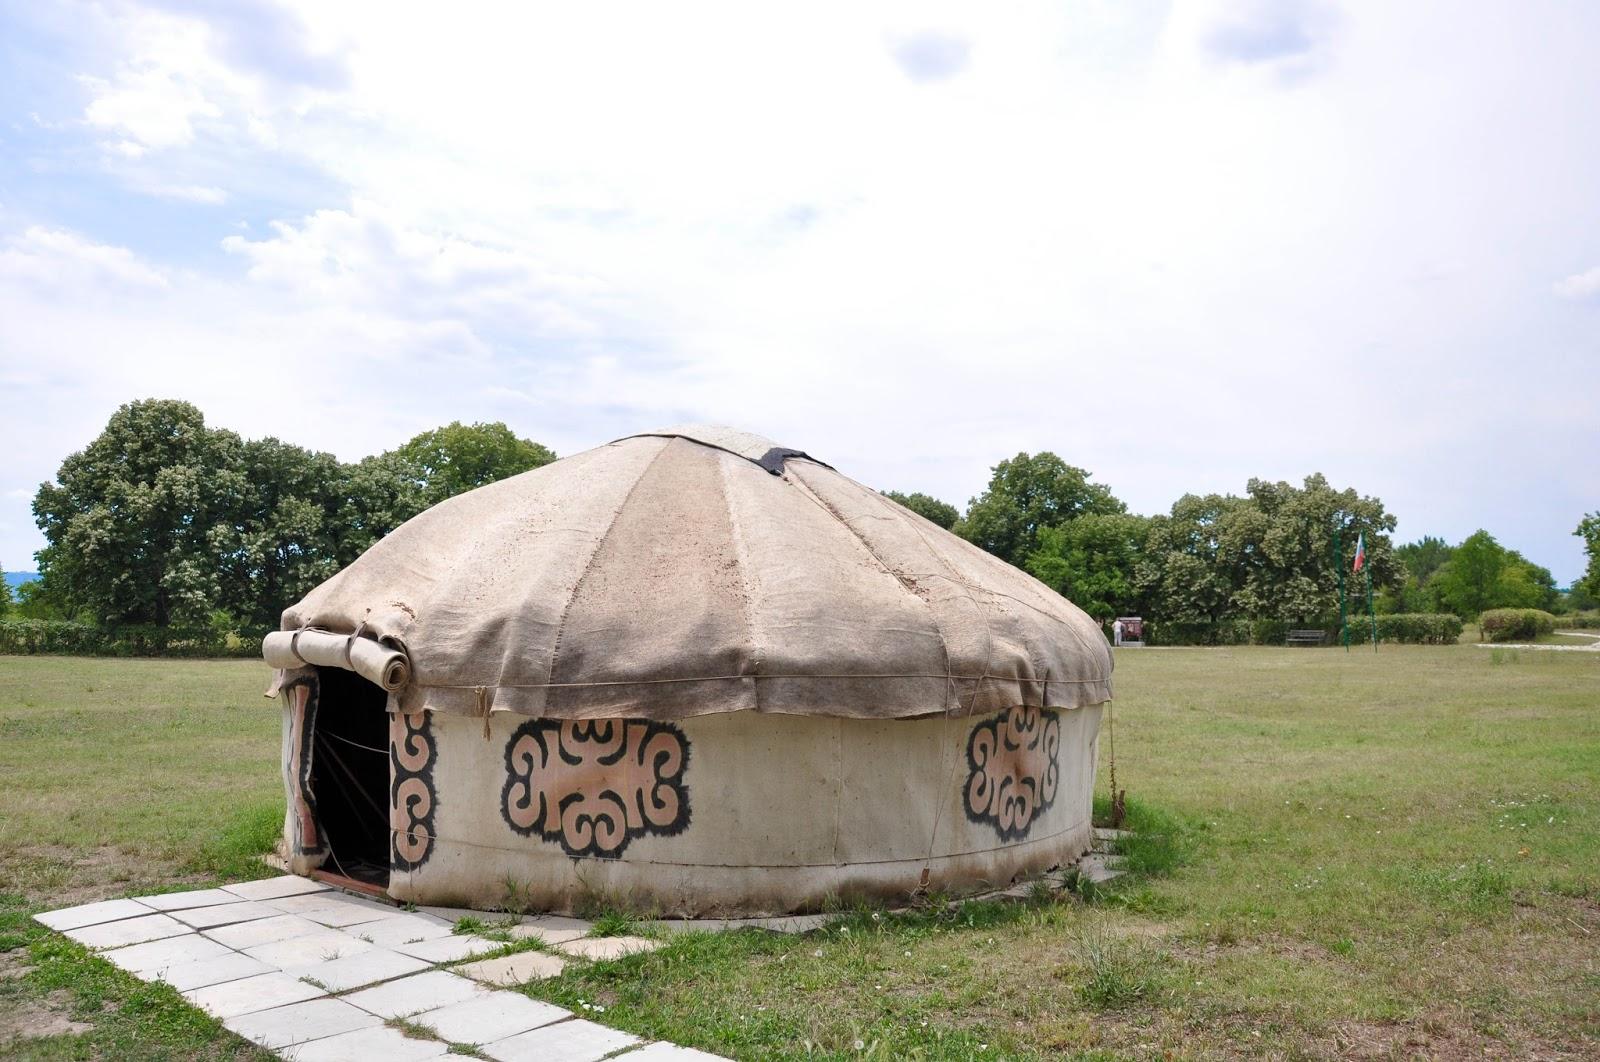 Yurt, Pliska, Bulgaria